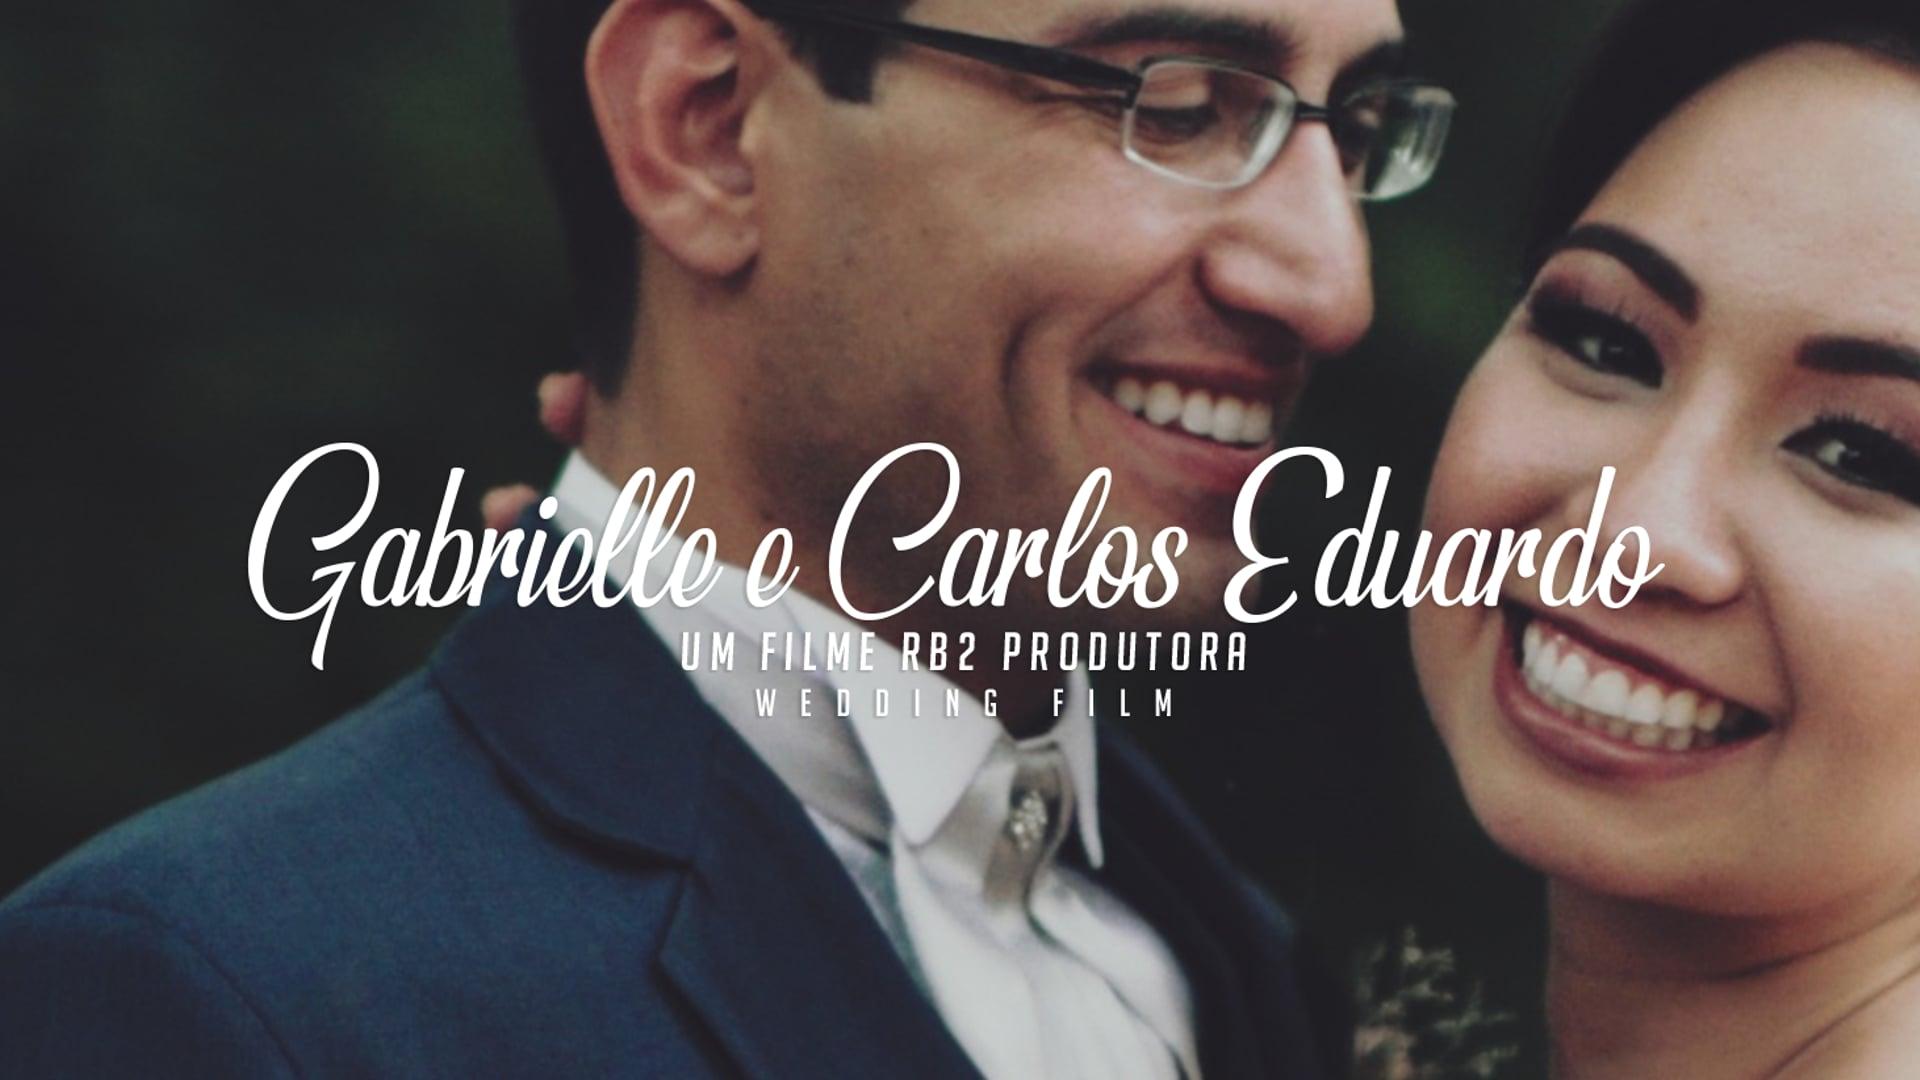 RB2 Produtora - Gabrielle e Carlos Eduardo - Wedding Film